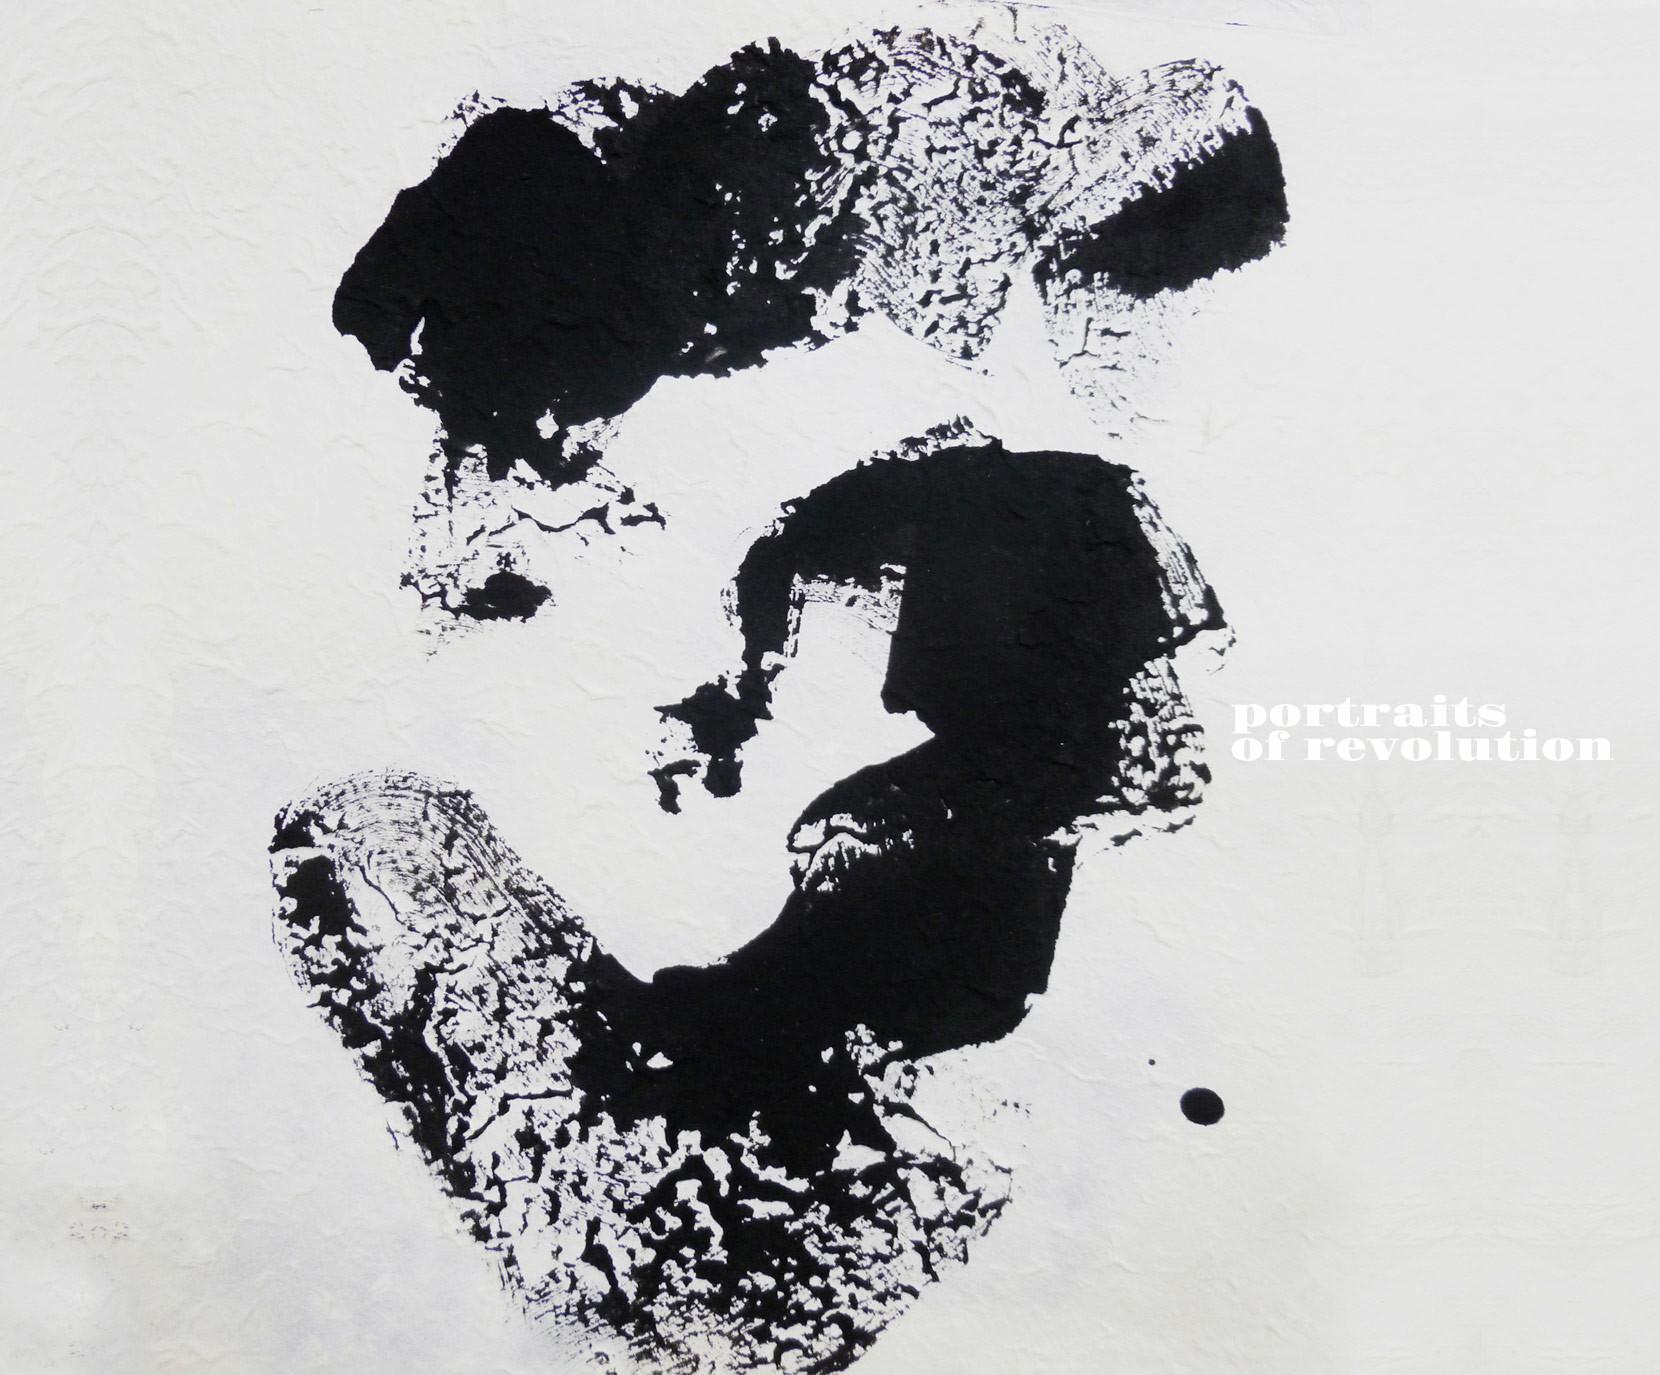 Silvio-Cocco-Faces-Revolutions-Graphic-Design-Drawing